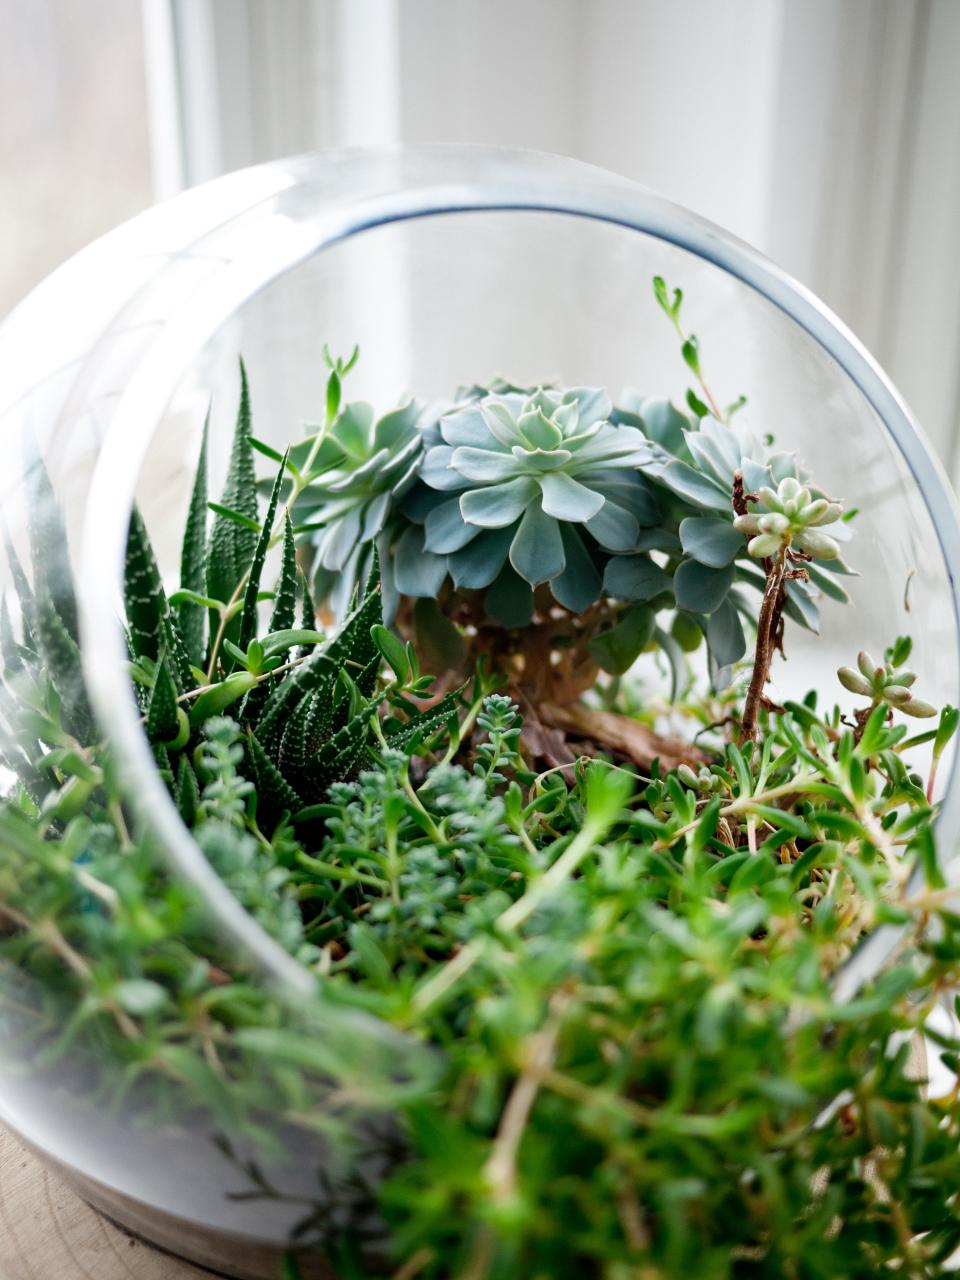 plants green glass bowl